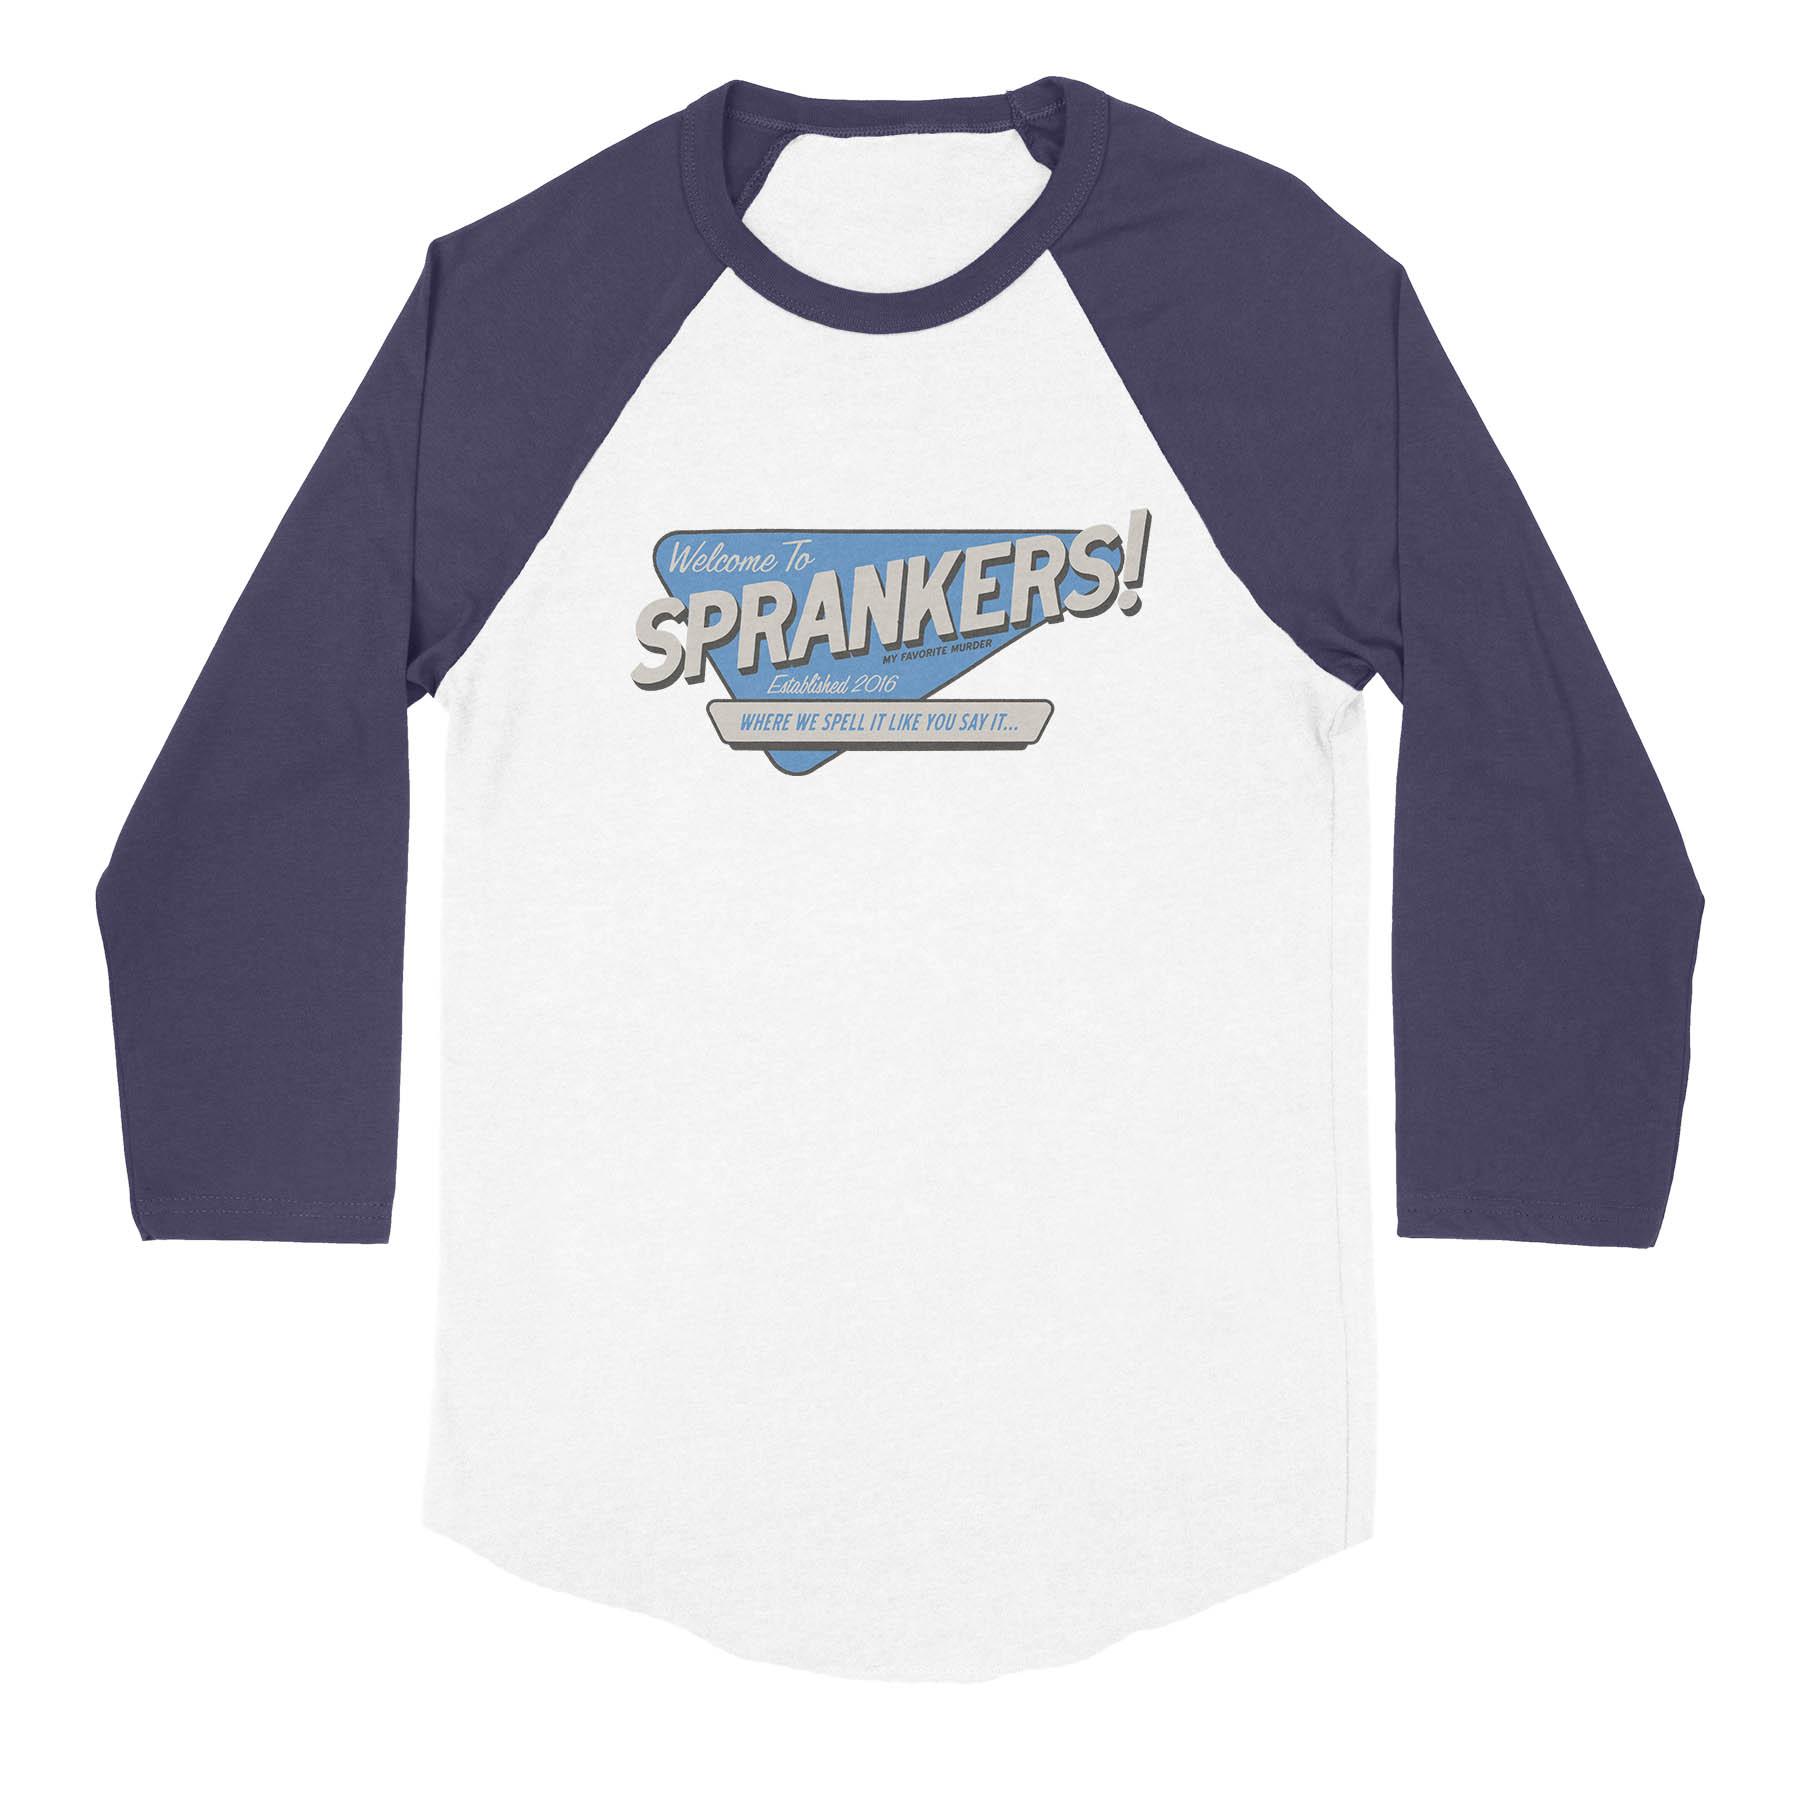 Sprankers Raglan